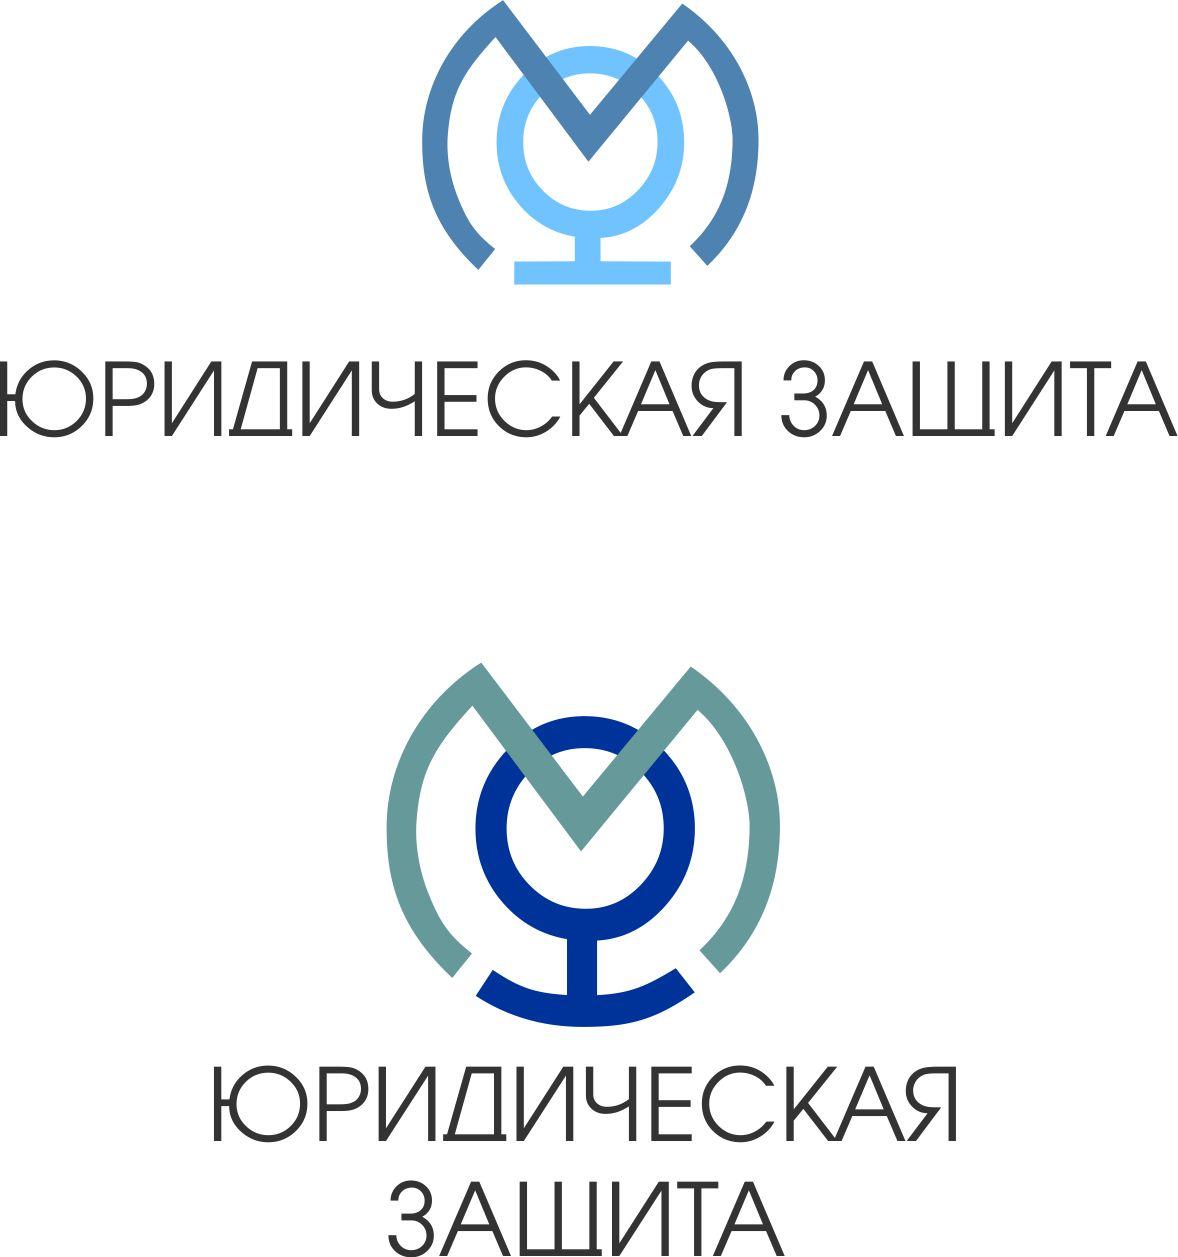 Разработка логотипа для юридической компании фото f_78455ddd01d18d5e.jpg